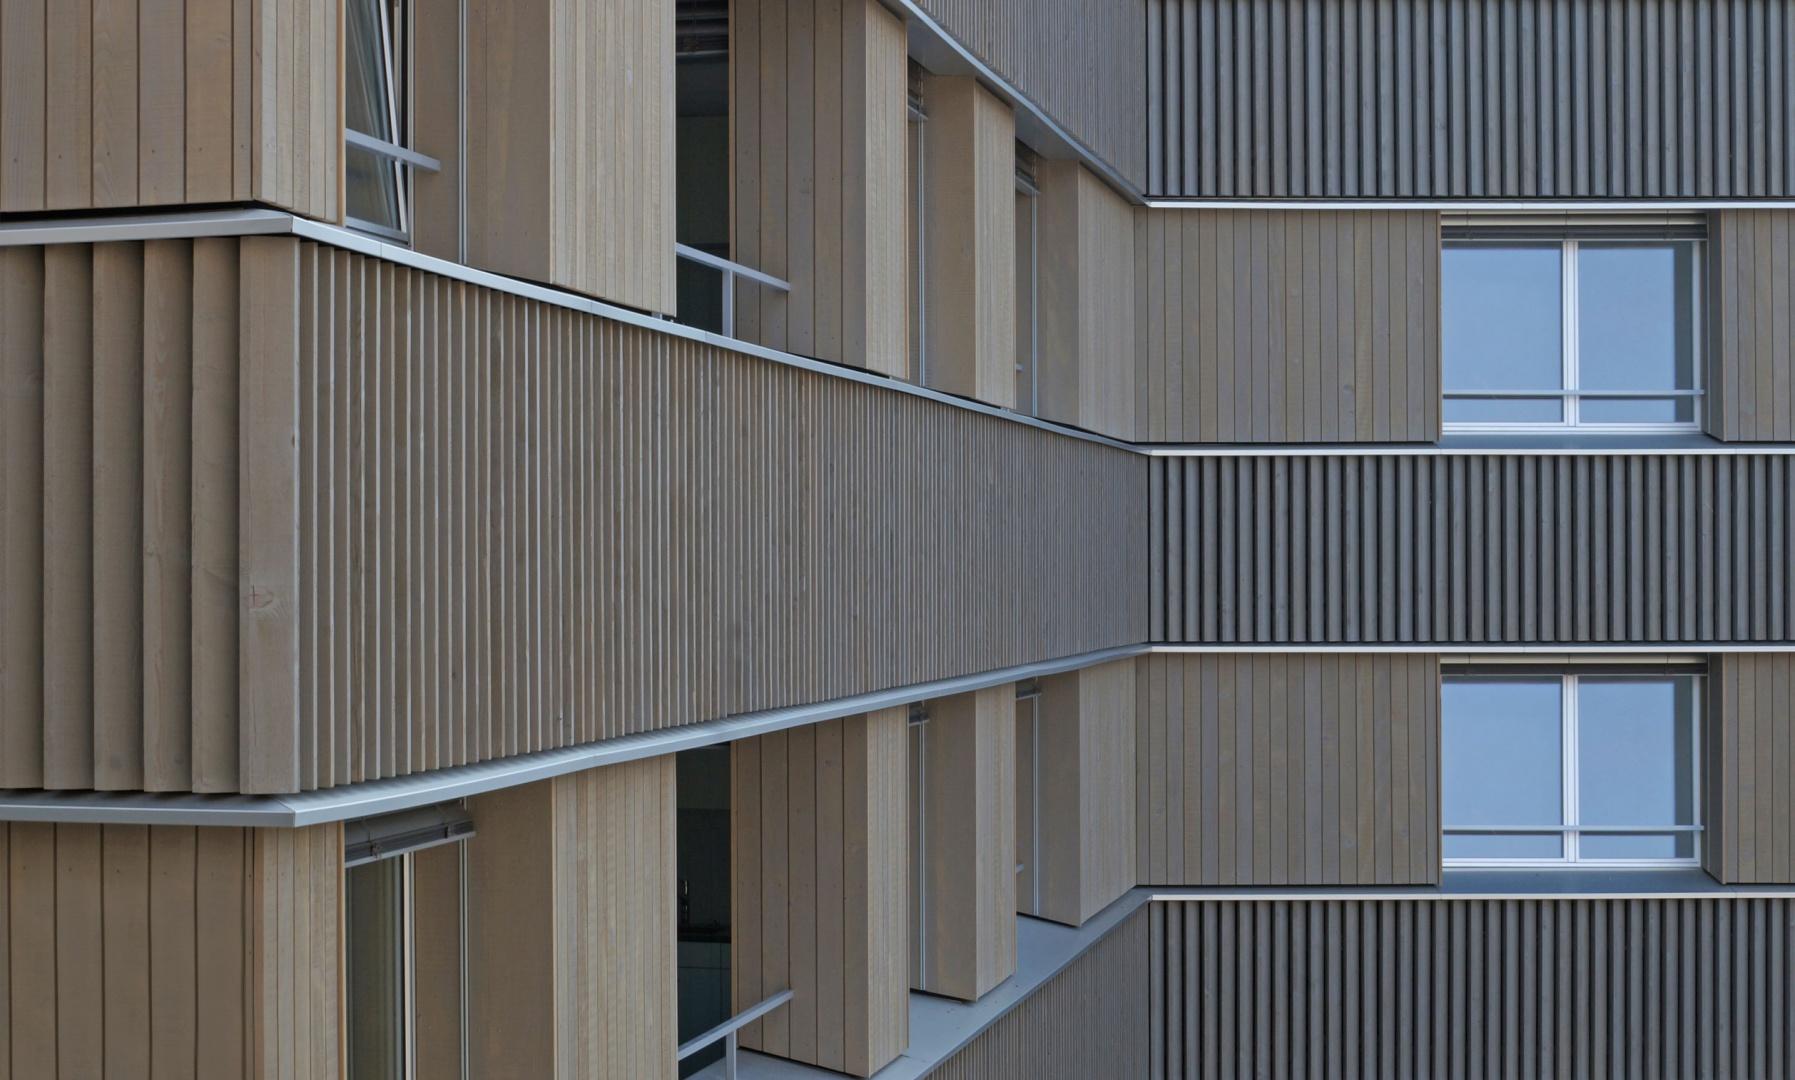 Ausschnitt Holzfassade © Judith Kuoni